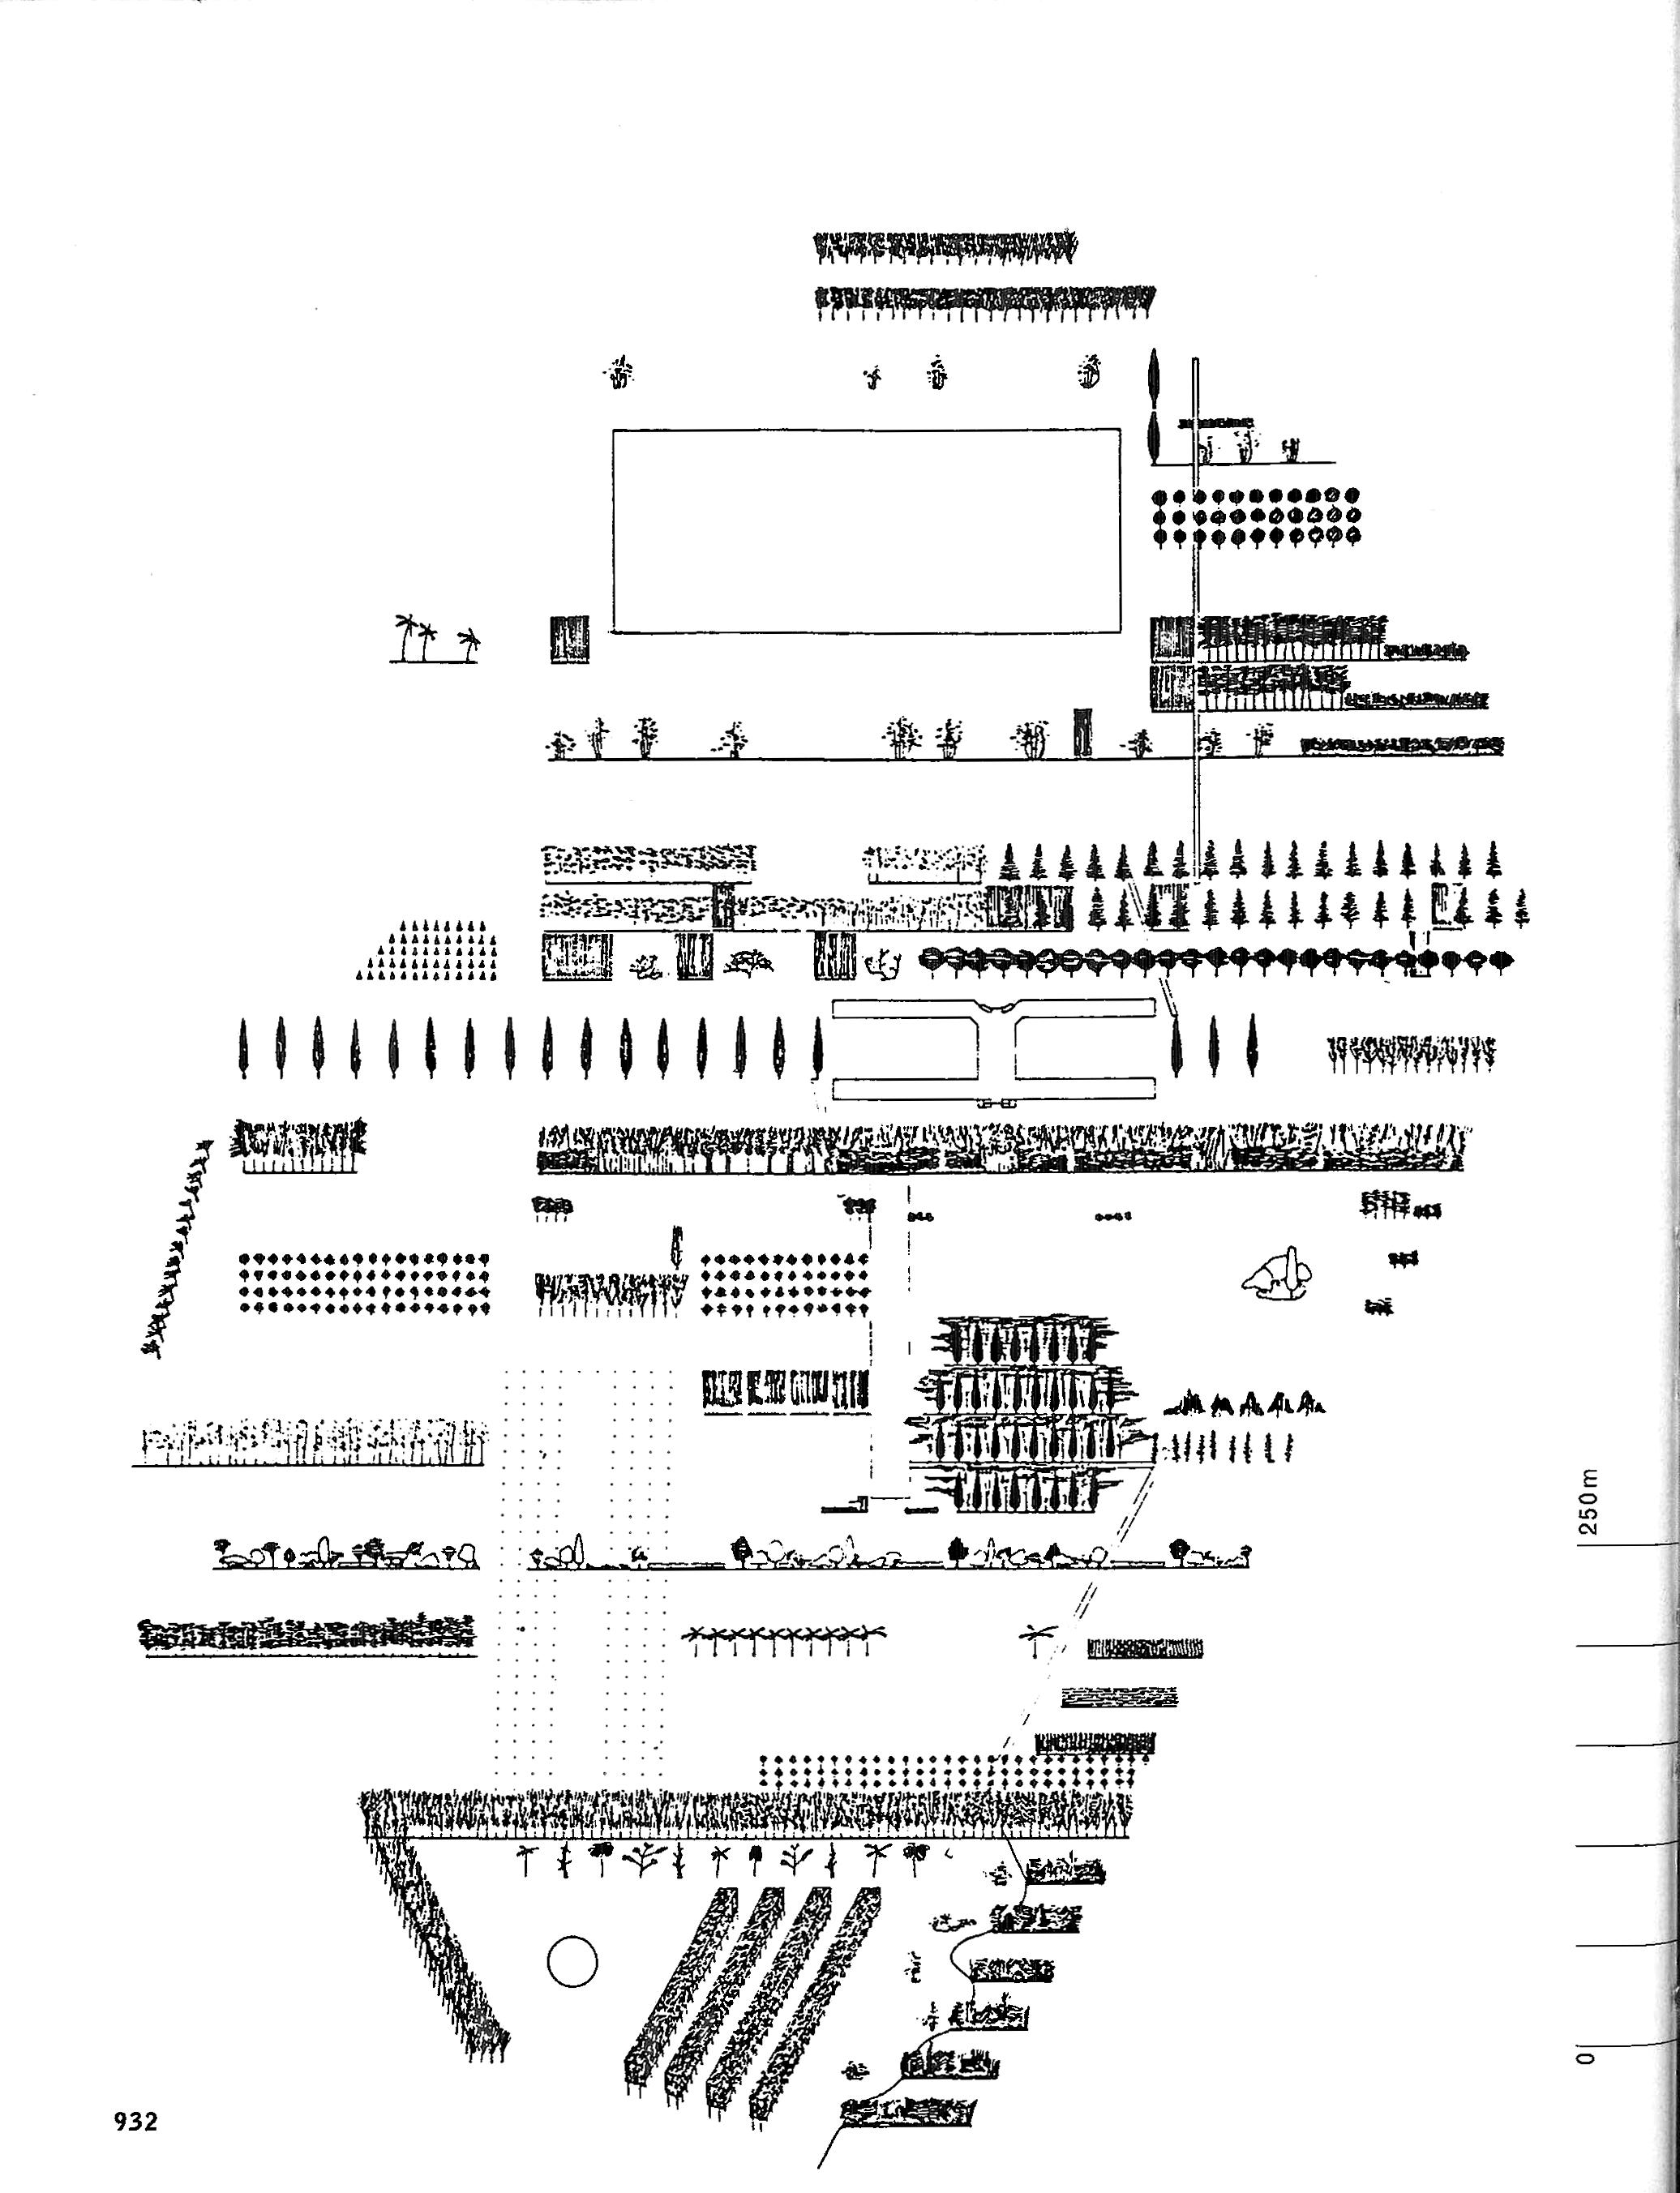 oma parc de la villette diagram 1967 ford fairlane wiring google search brooklyn pier 7 barcelona